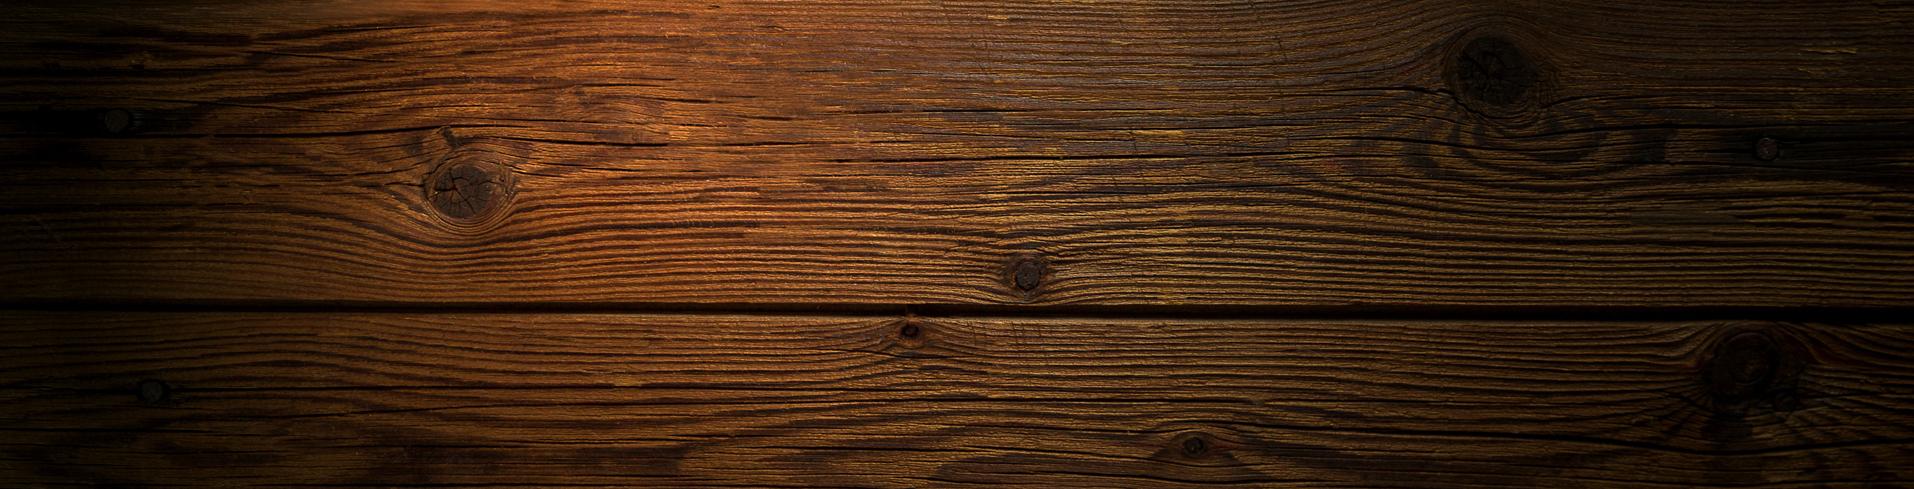 woodenbg